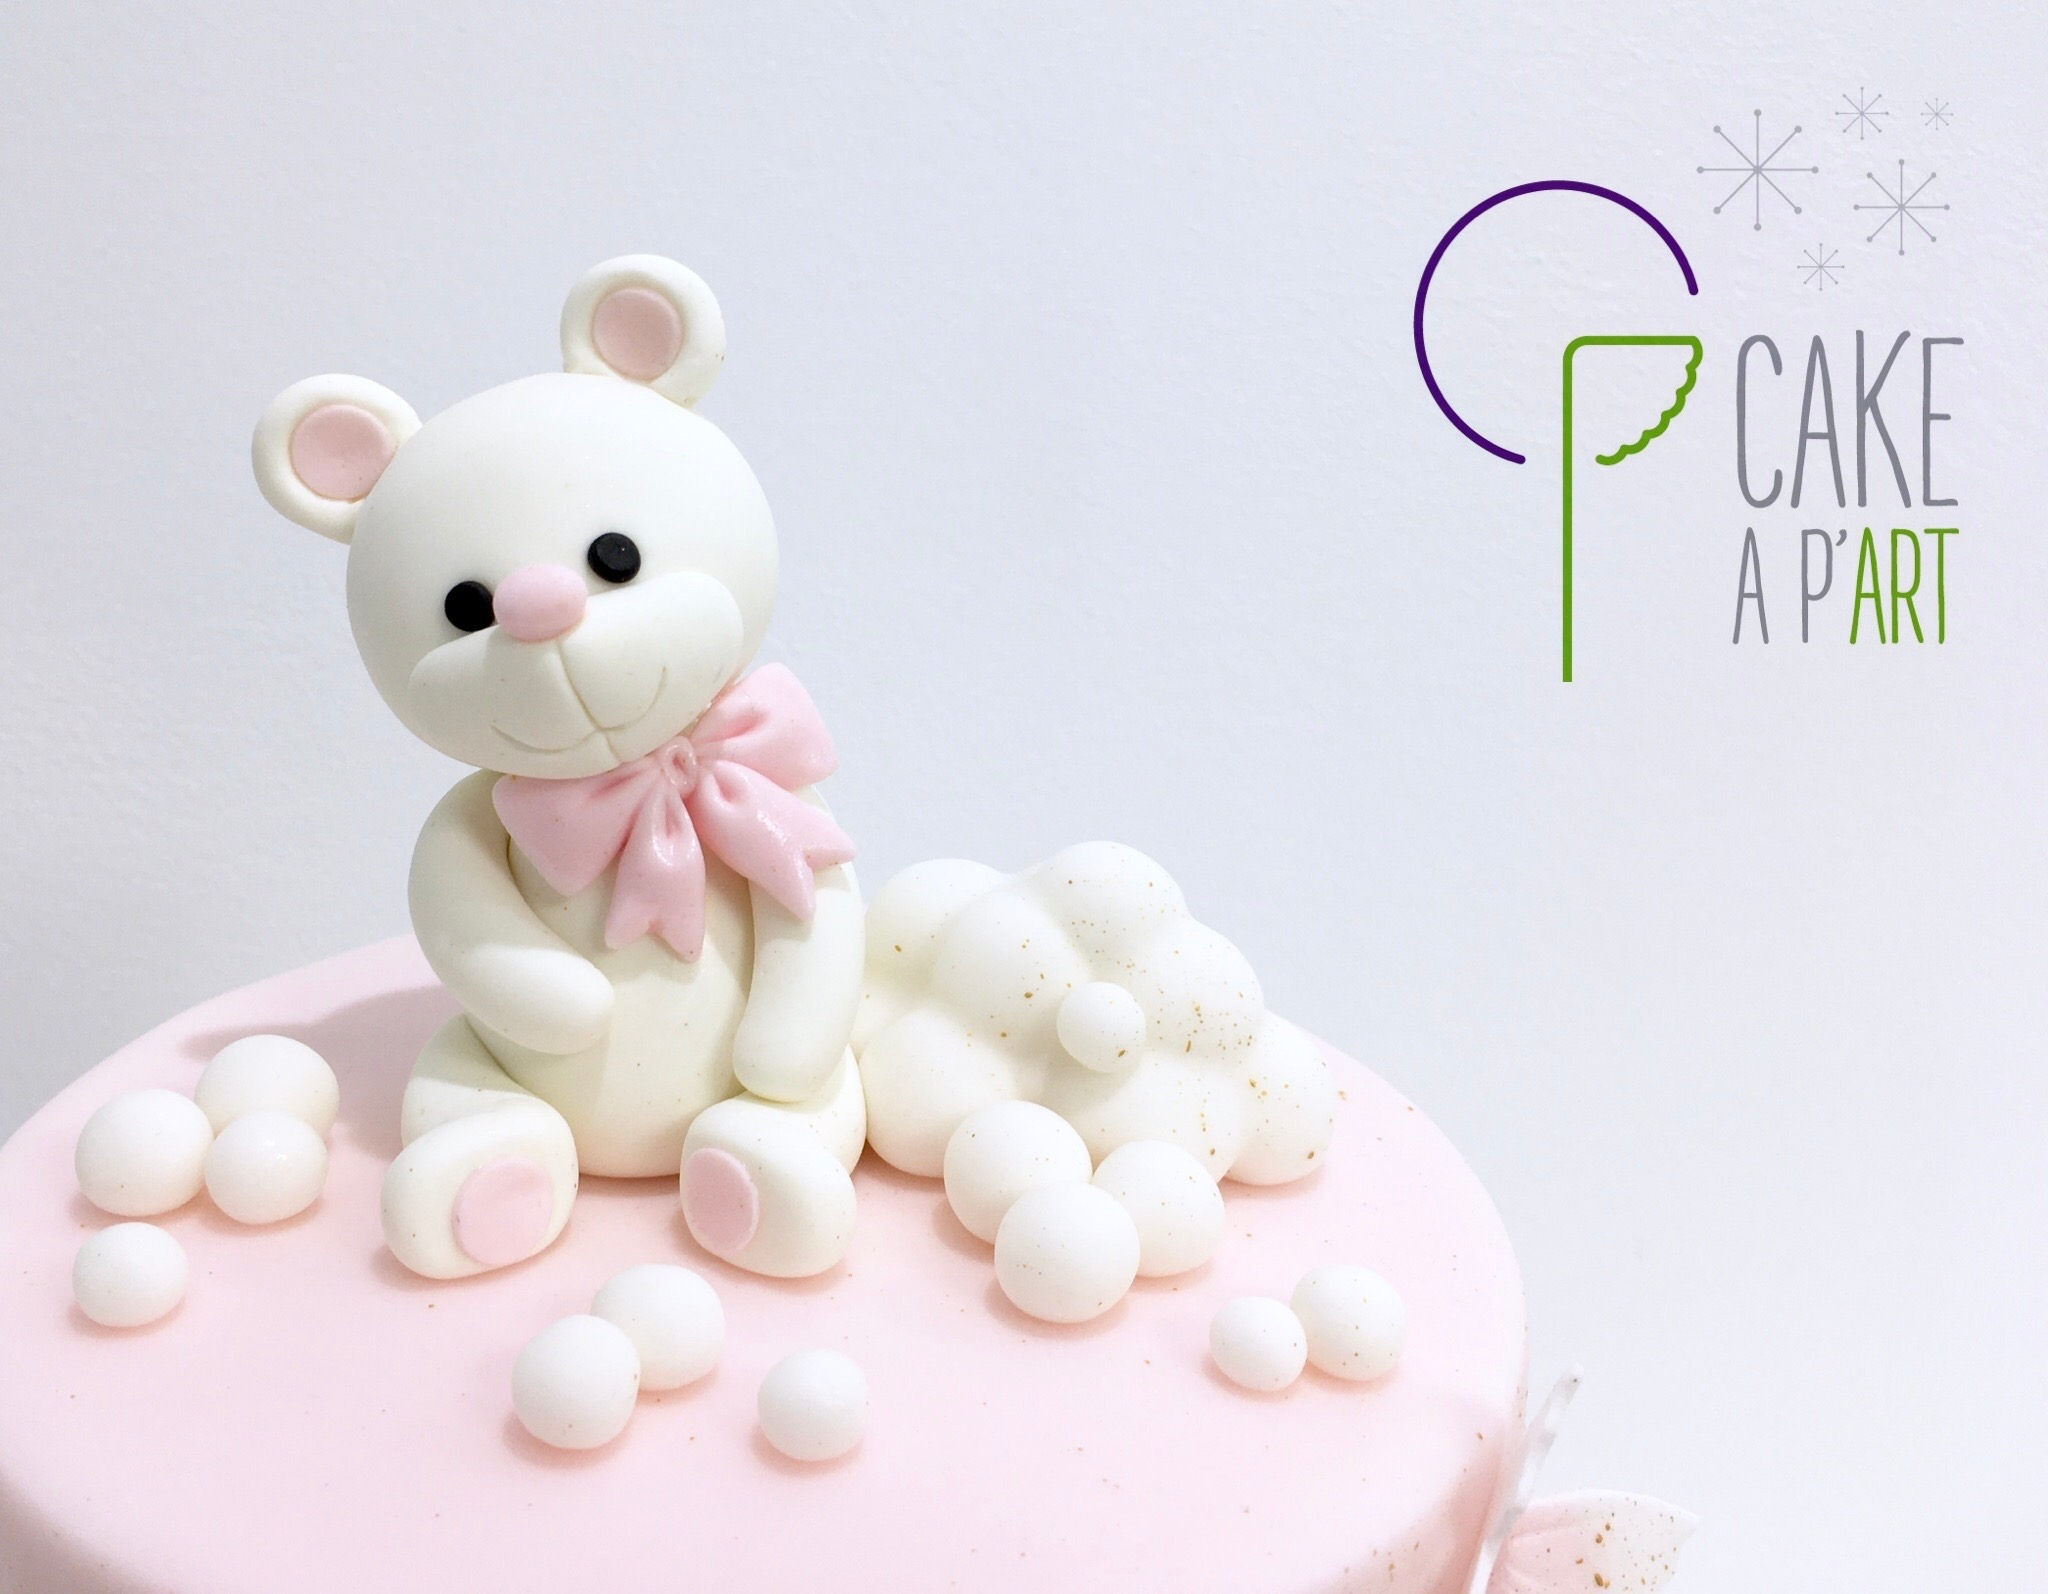 Décor modelage en sucre gâteaux personnalisés - Anniversaire Thème Ourson et nuage